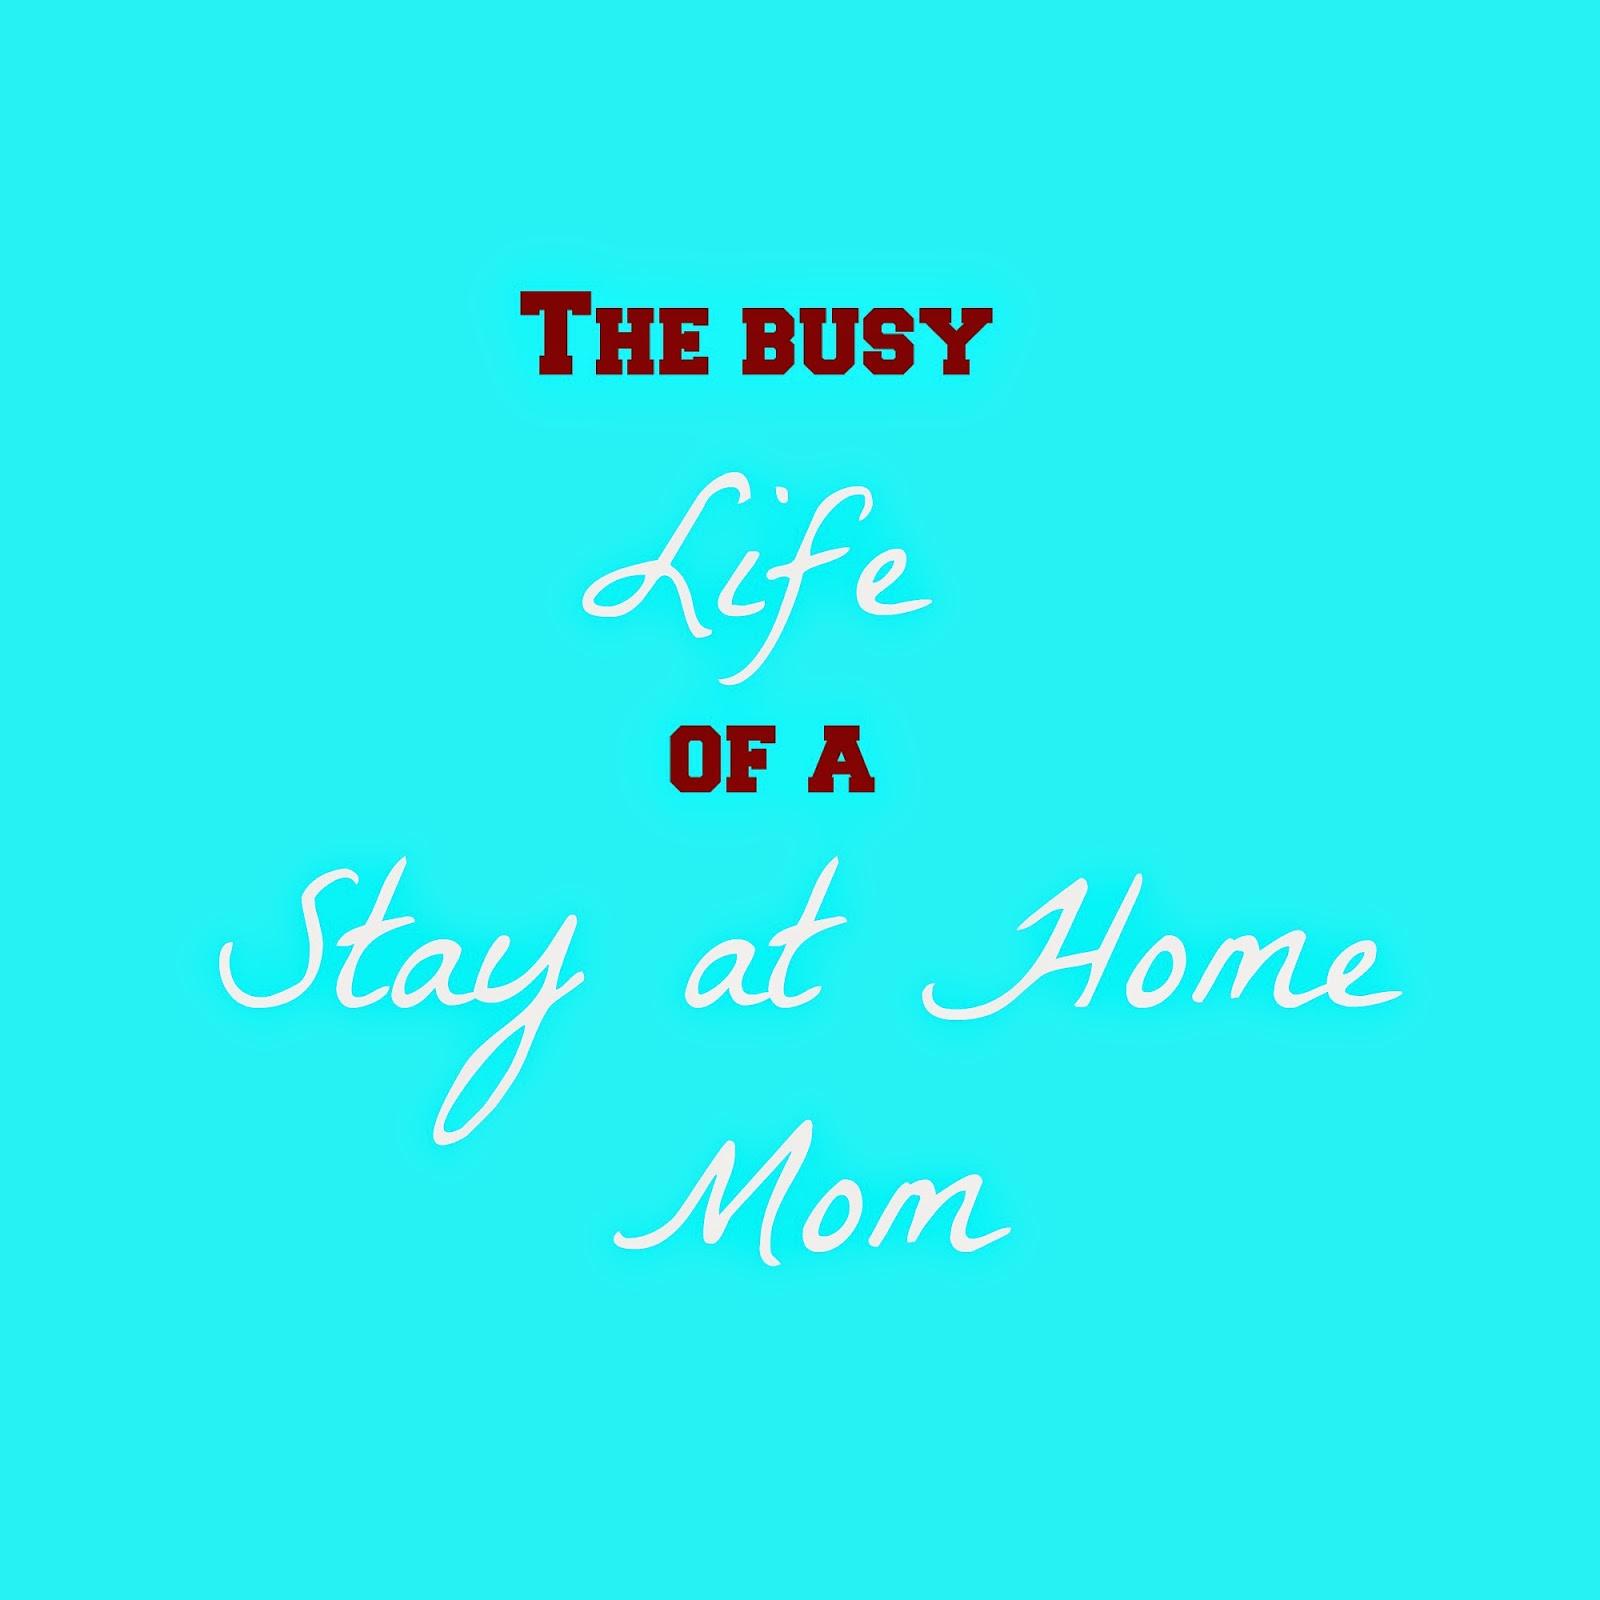 busy life of sahm